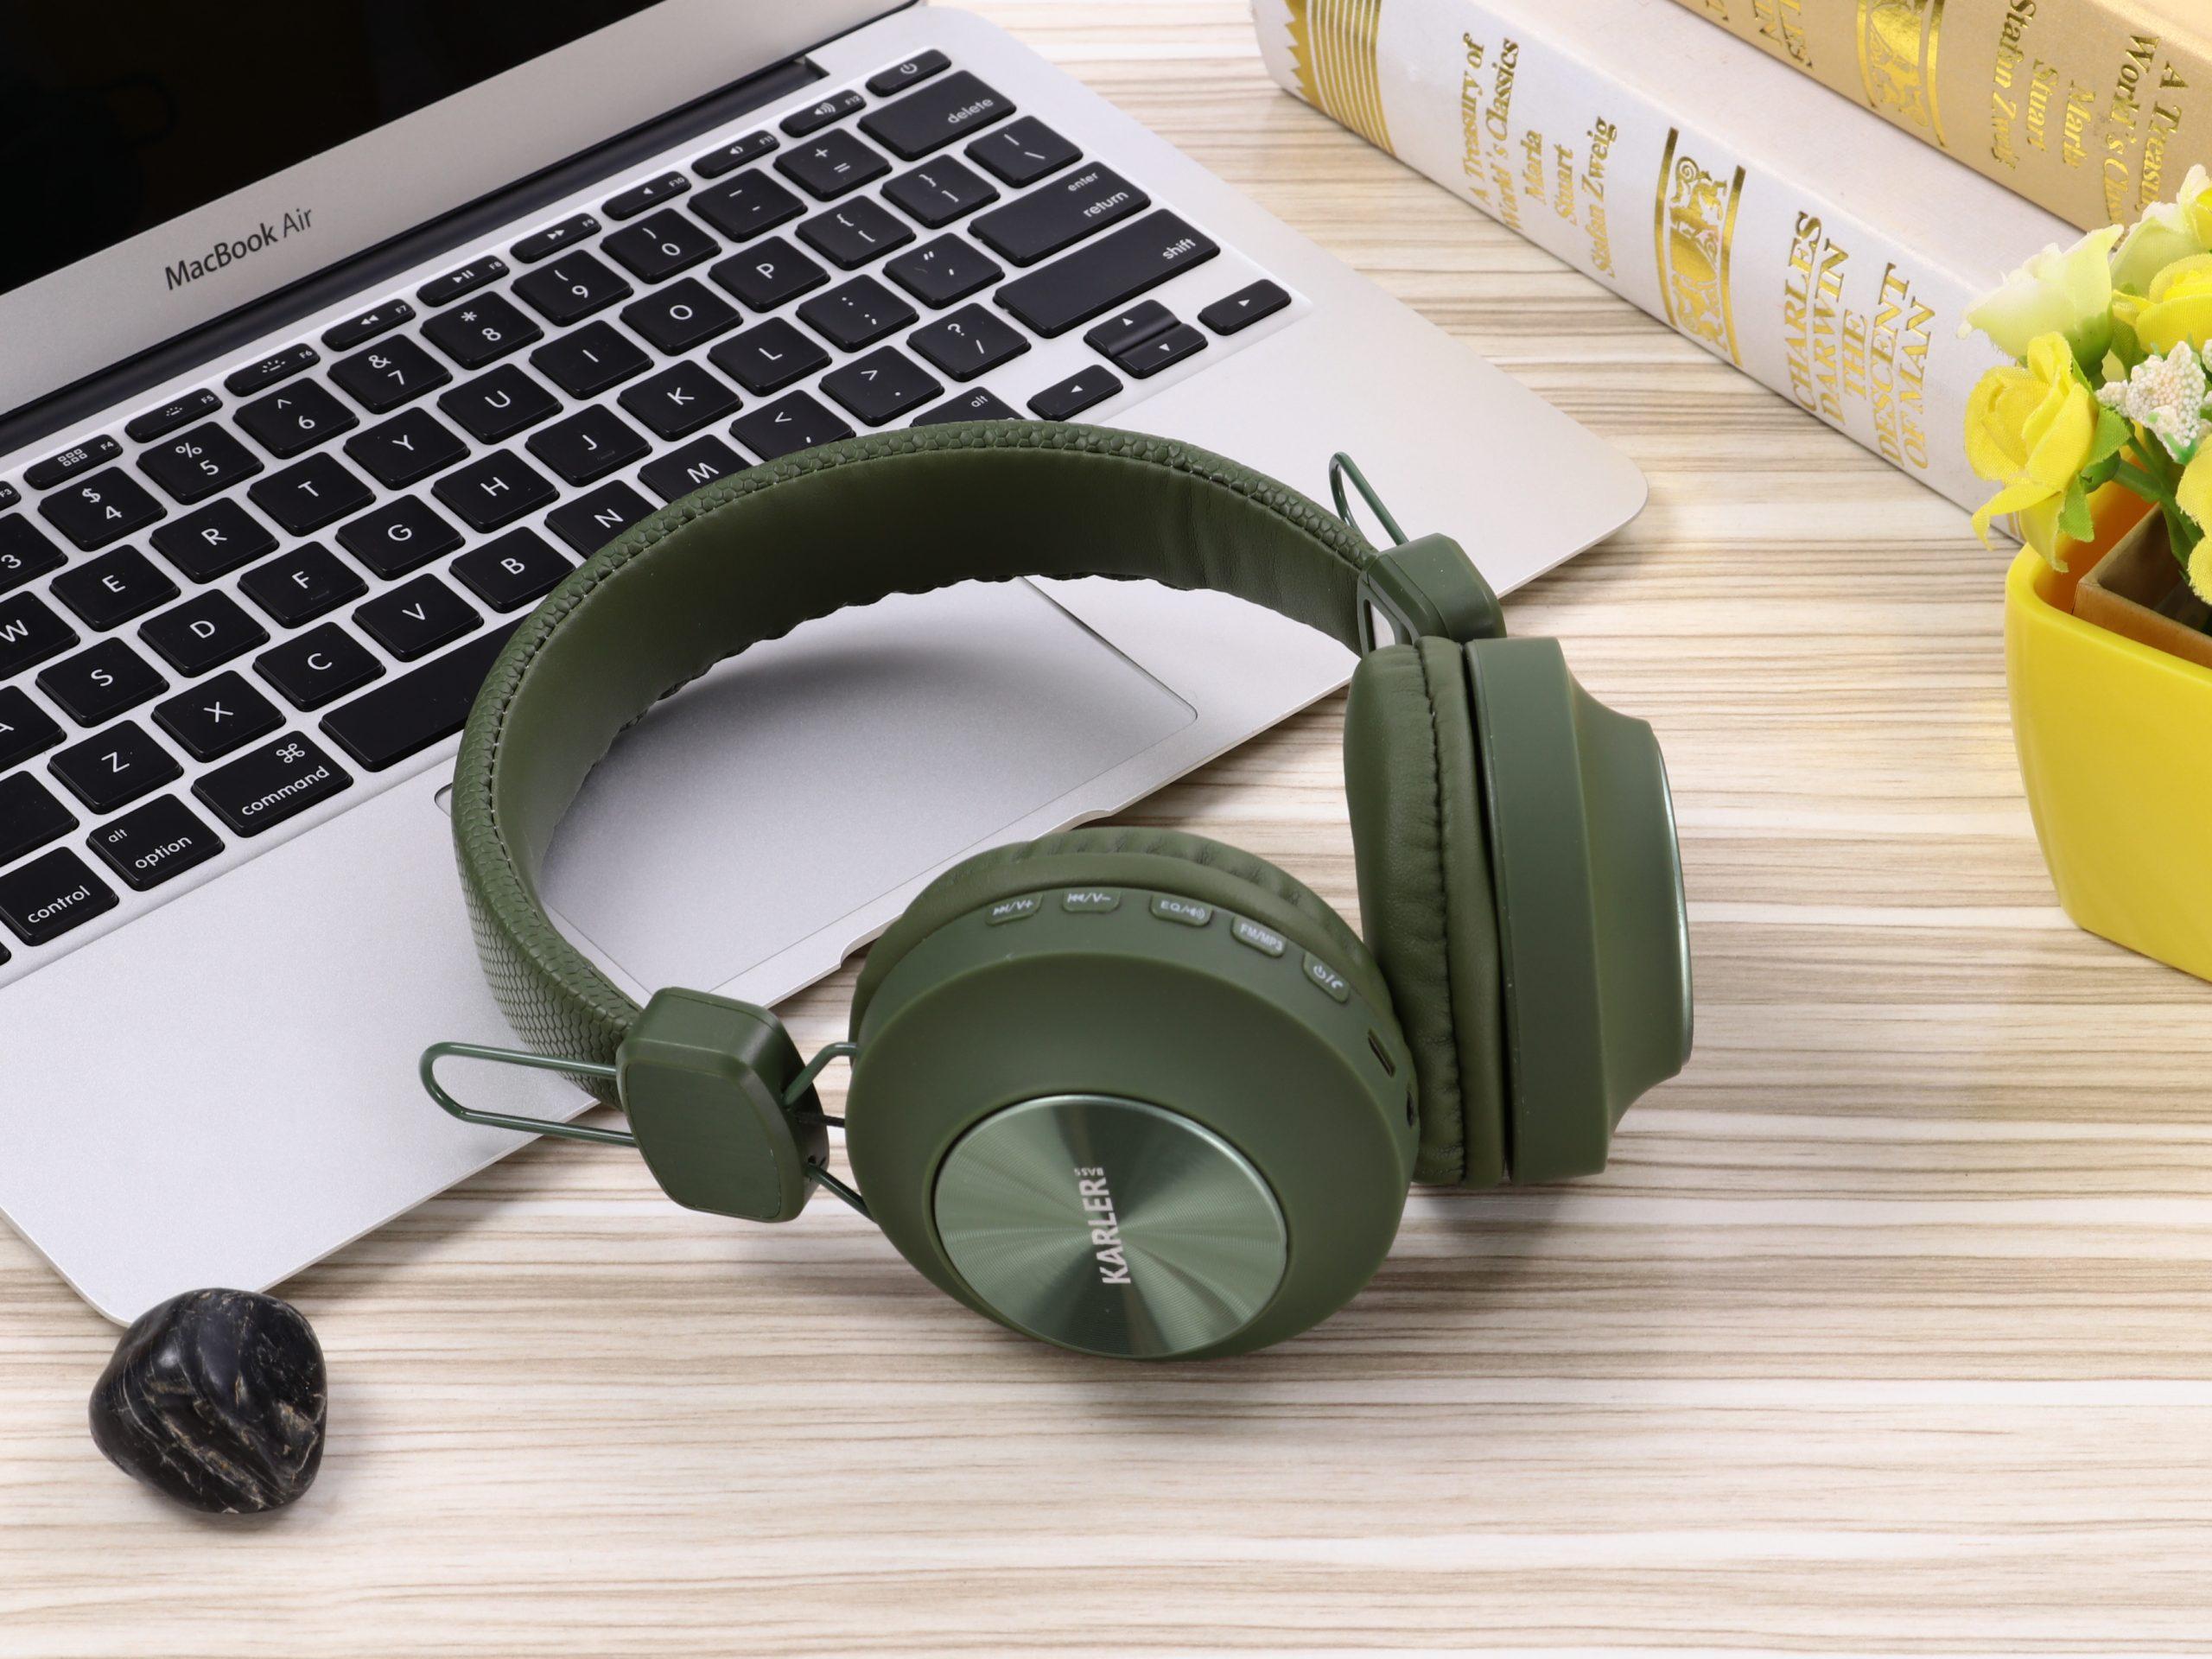 karler bass 008 ασυρματα headphones διαφημιστικό 9